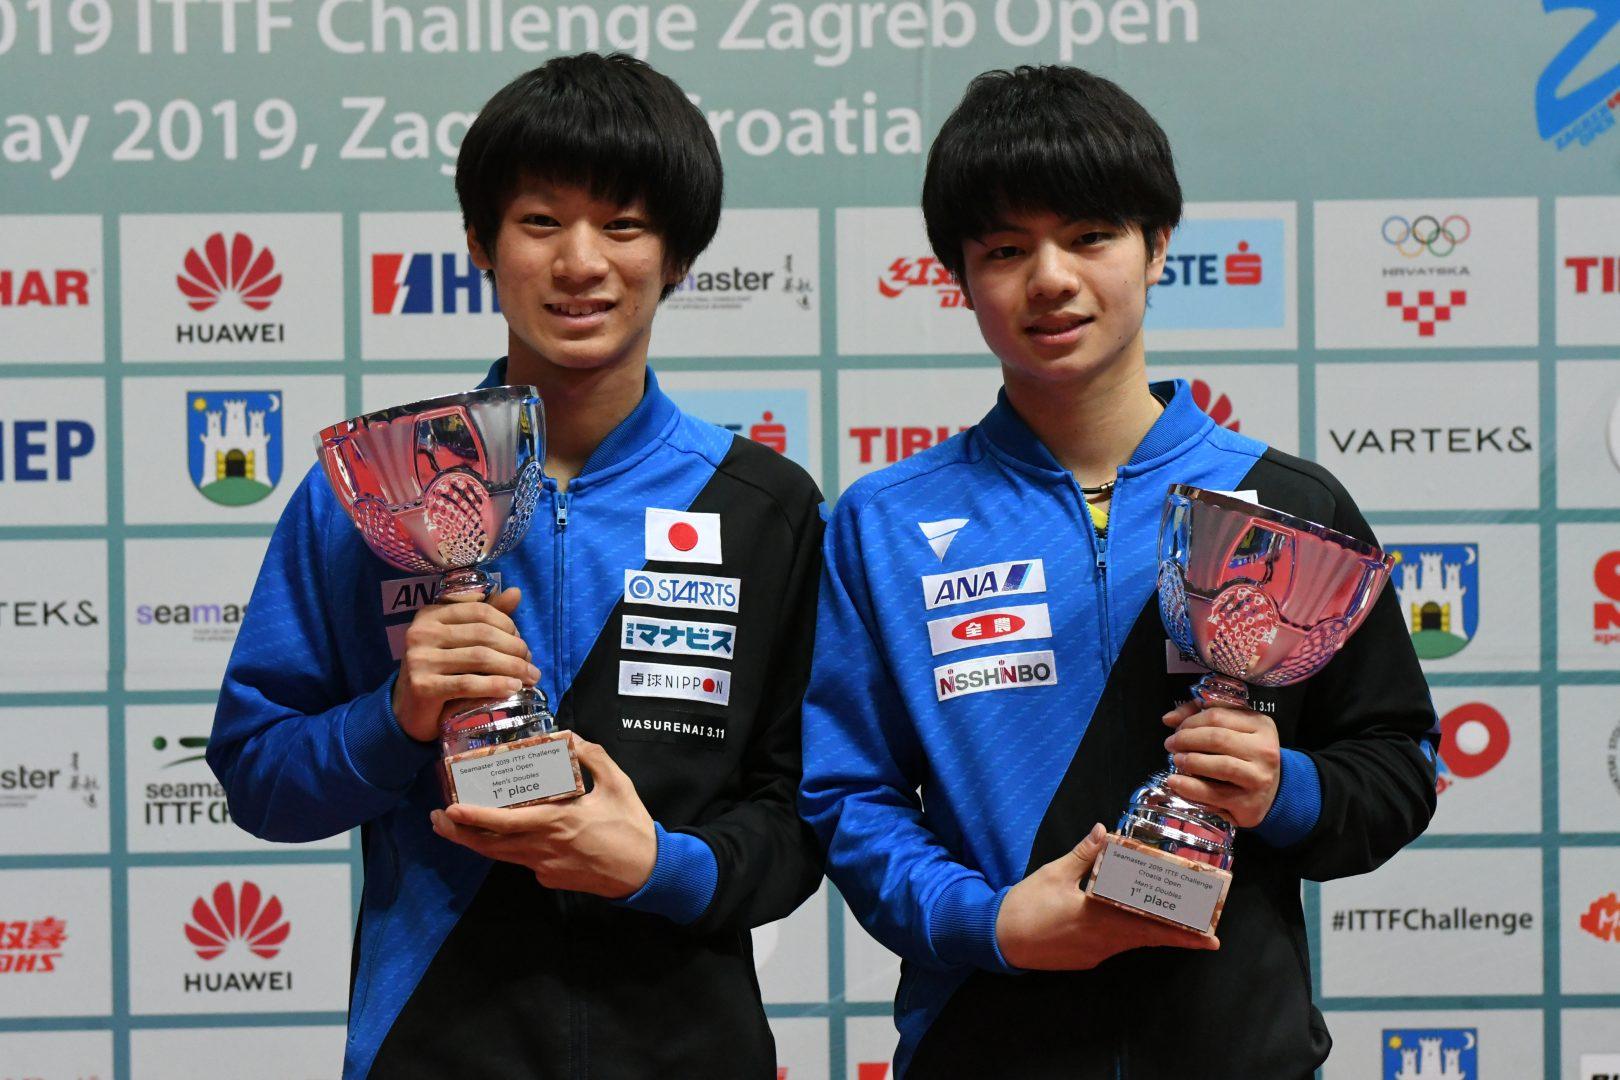 【今週の日本の卓球】クロアチアOP全日程終了 宇田幸矢がU21とダブルスの2冠